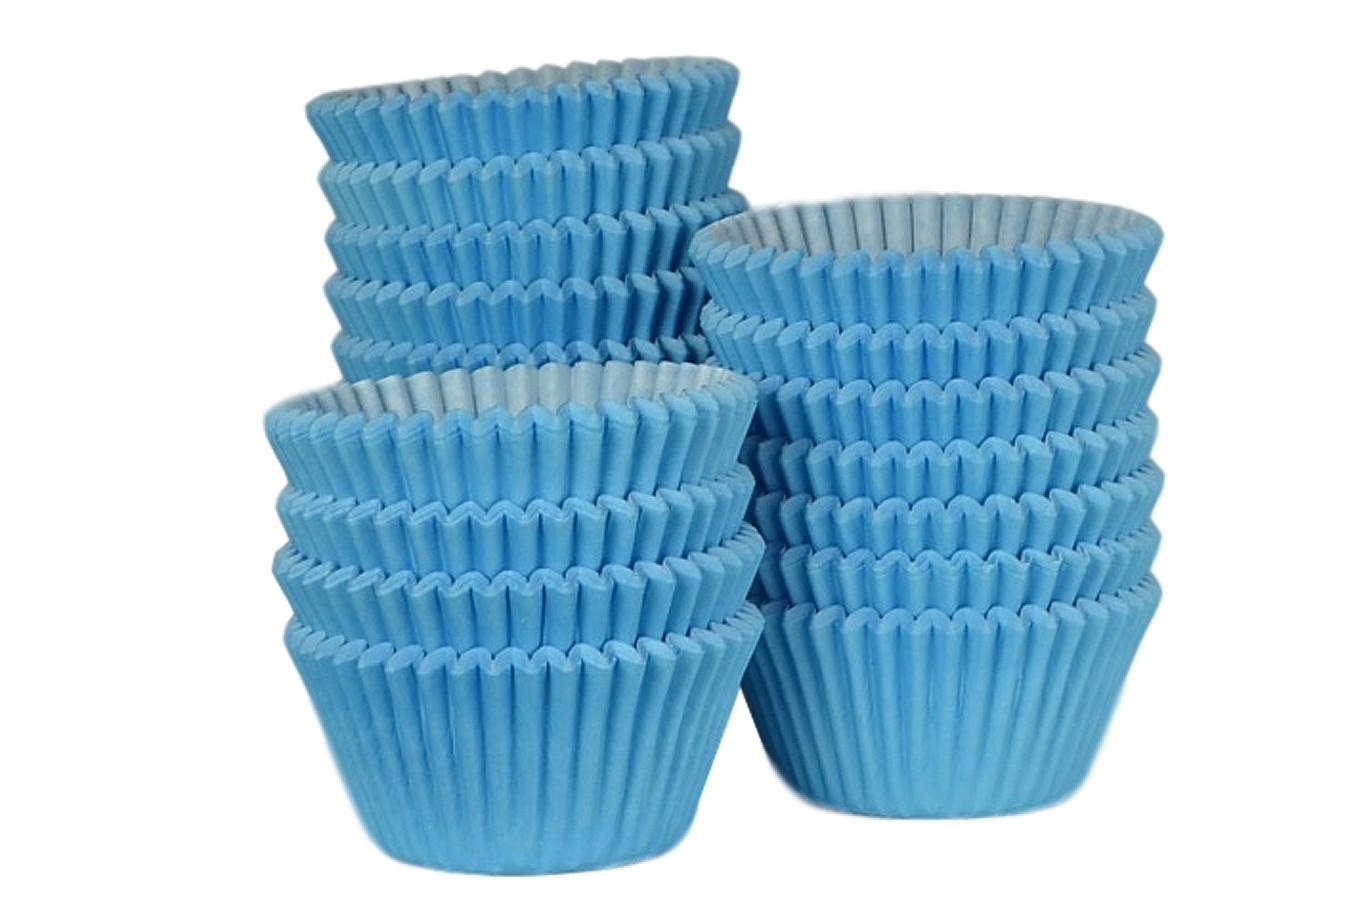 Caissettes à Cupcake - Bleu clair - Lot de 500